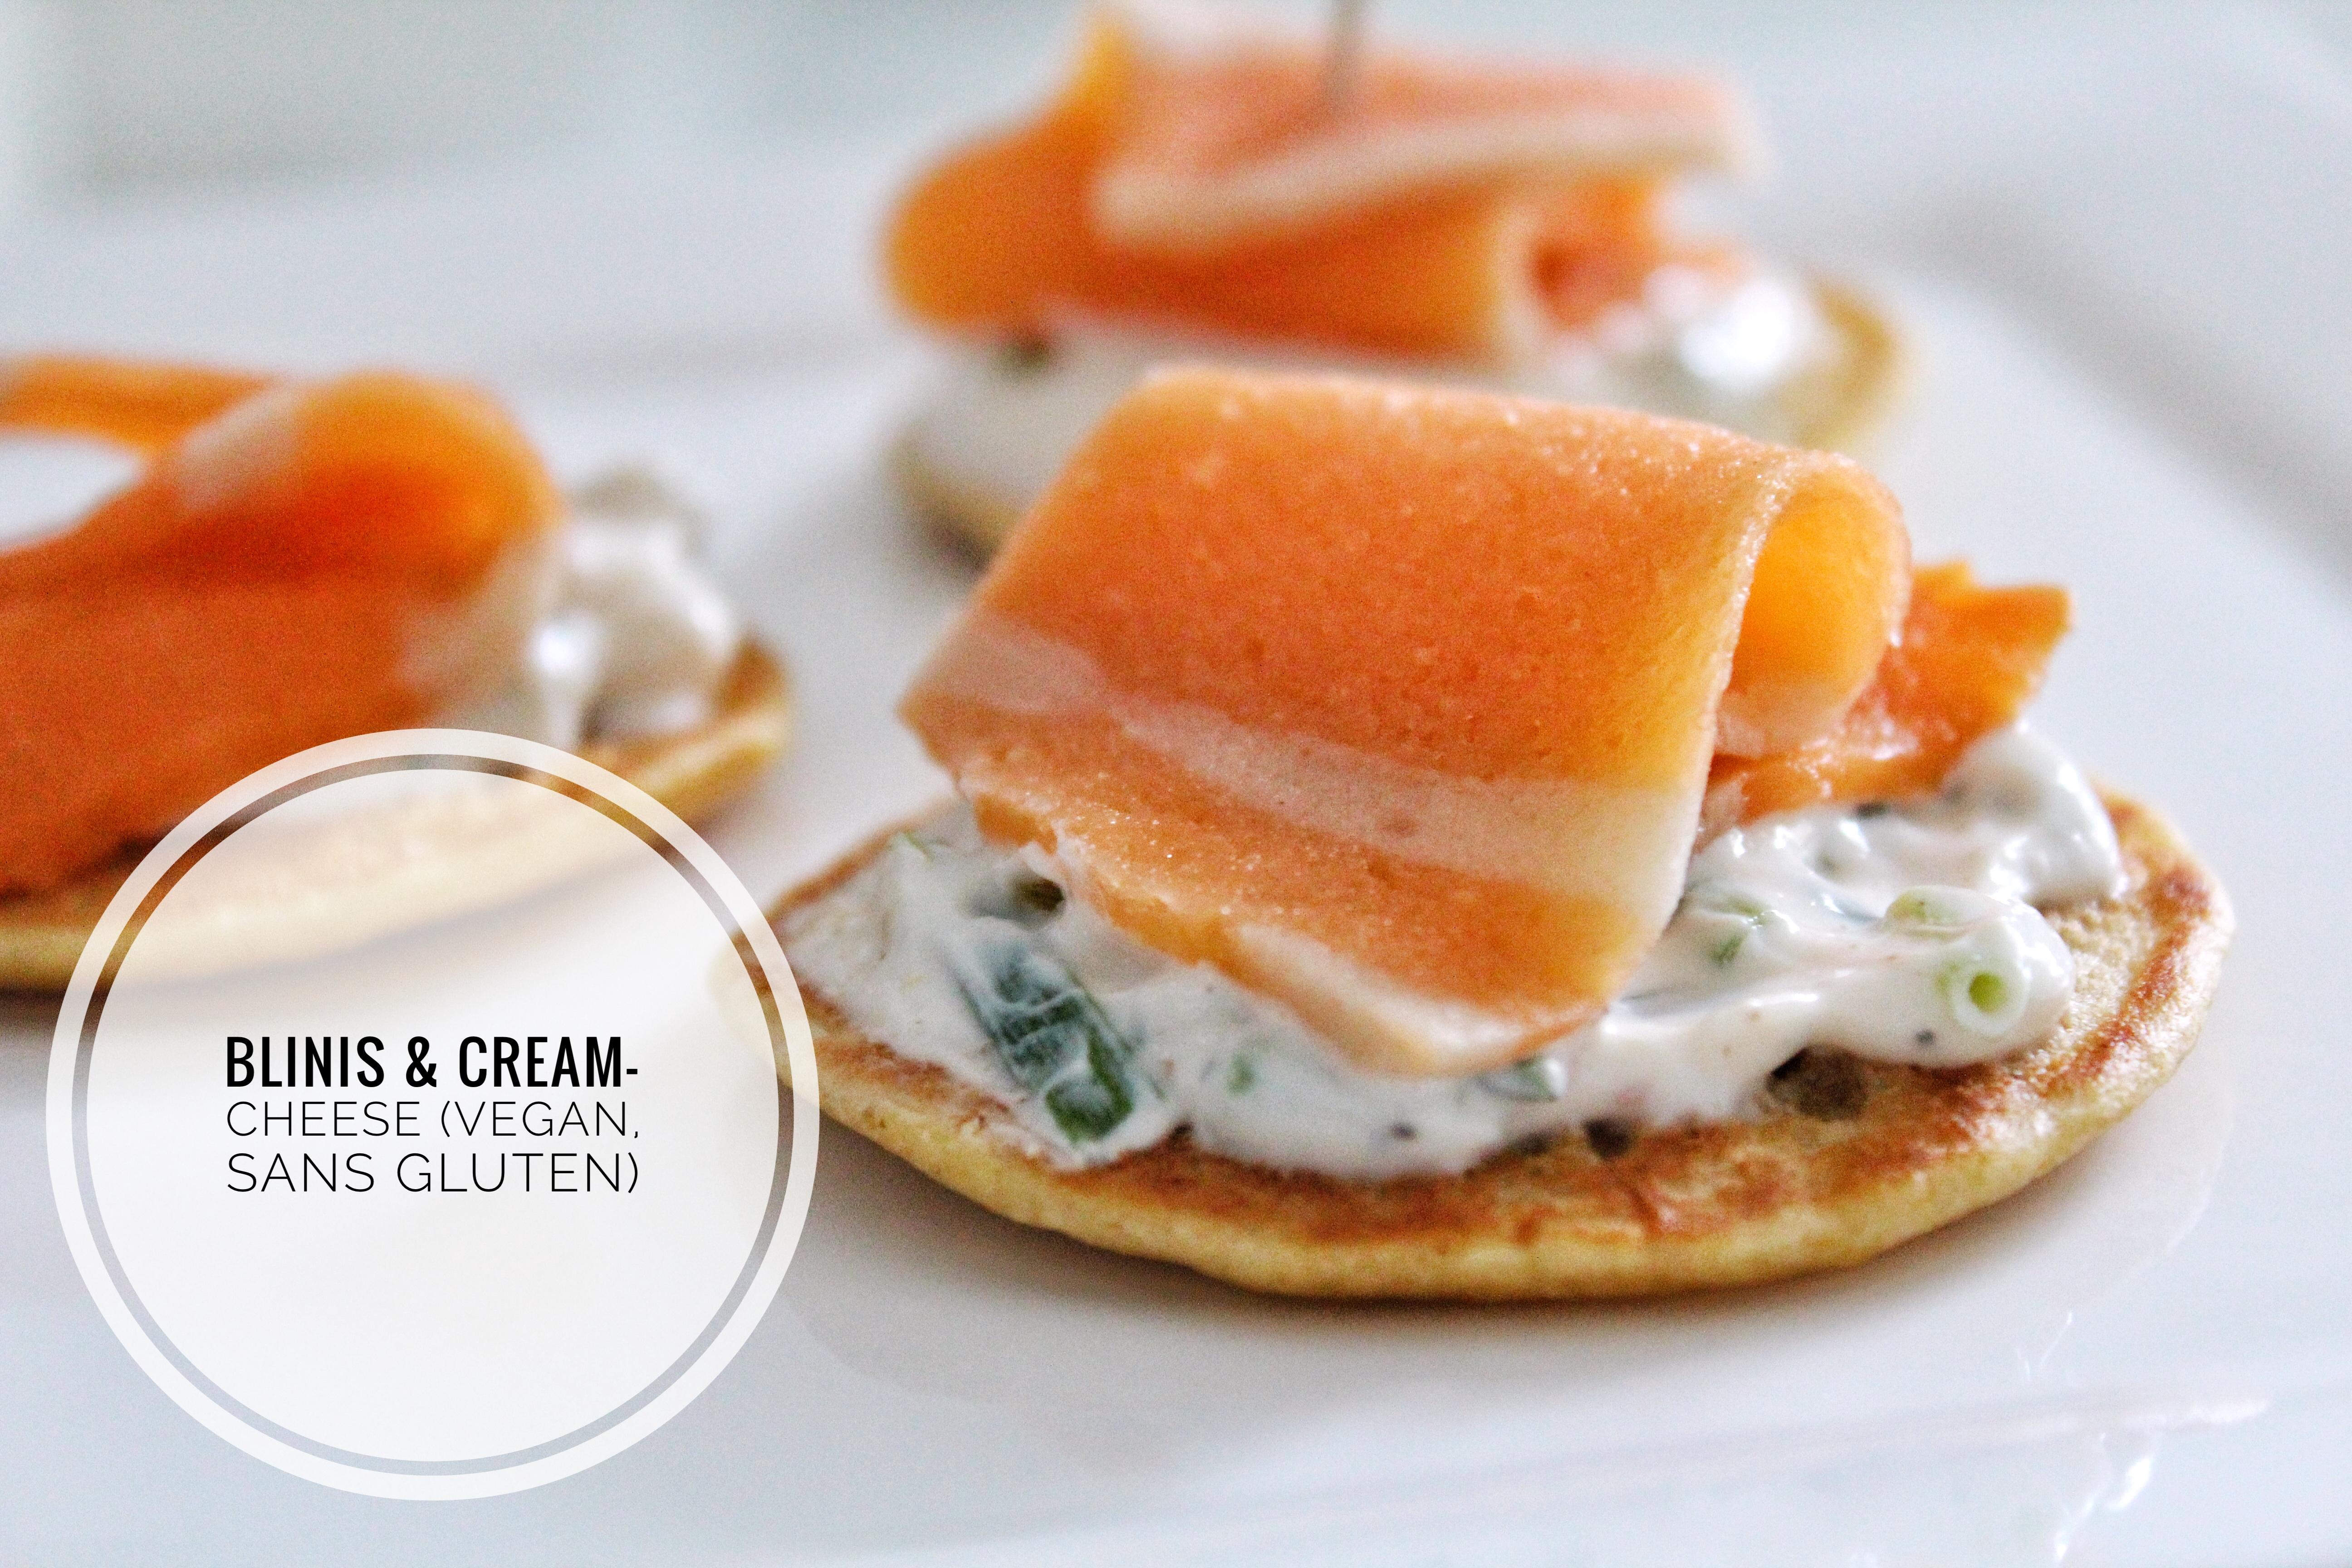 Blinis vegan sans gluten sans lactose végétarien sans œufs saumon fumé caviar cream cheese